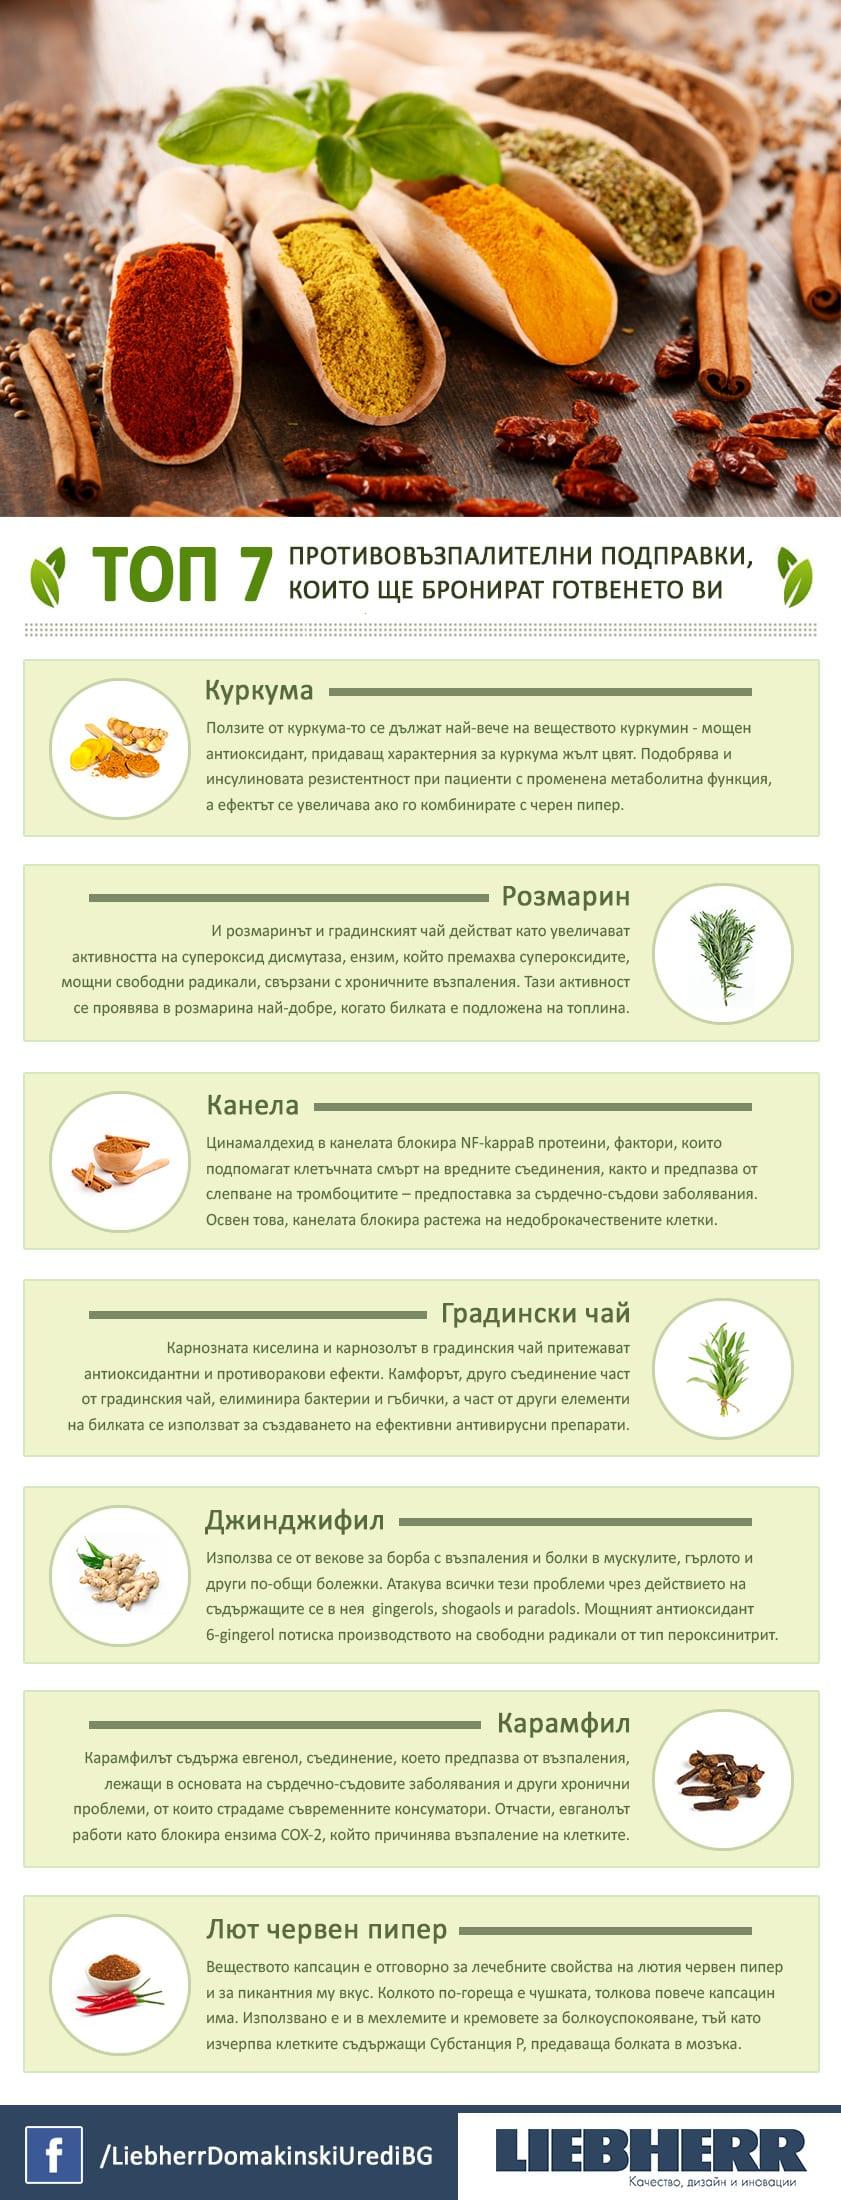 ТОП 7 противовъзпалителни подправки, които ще бронират готвенето ви